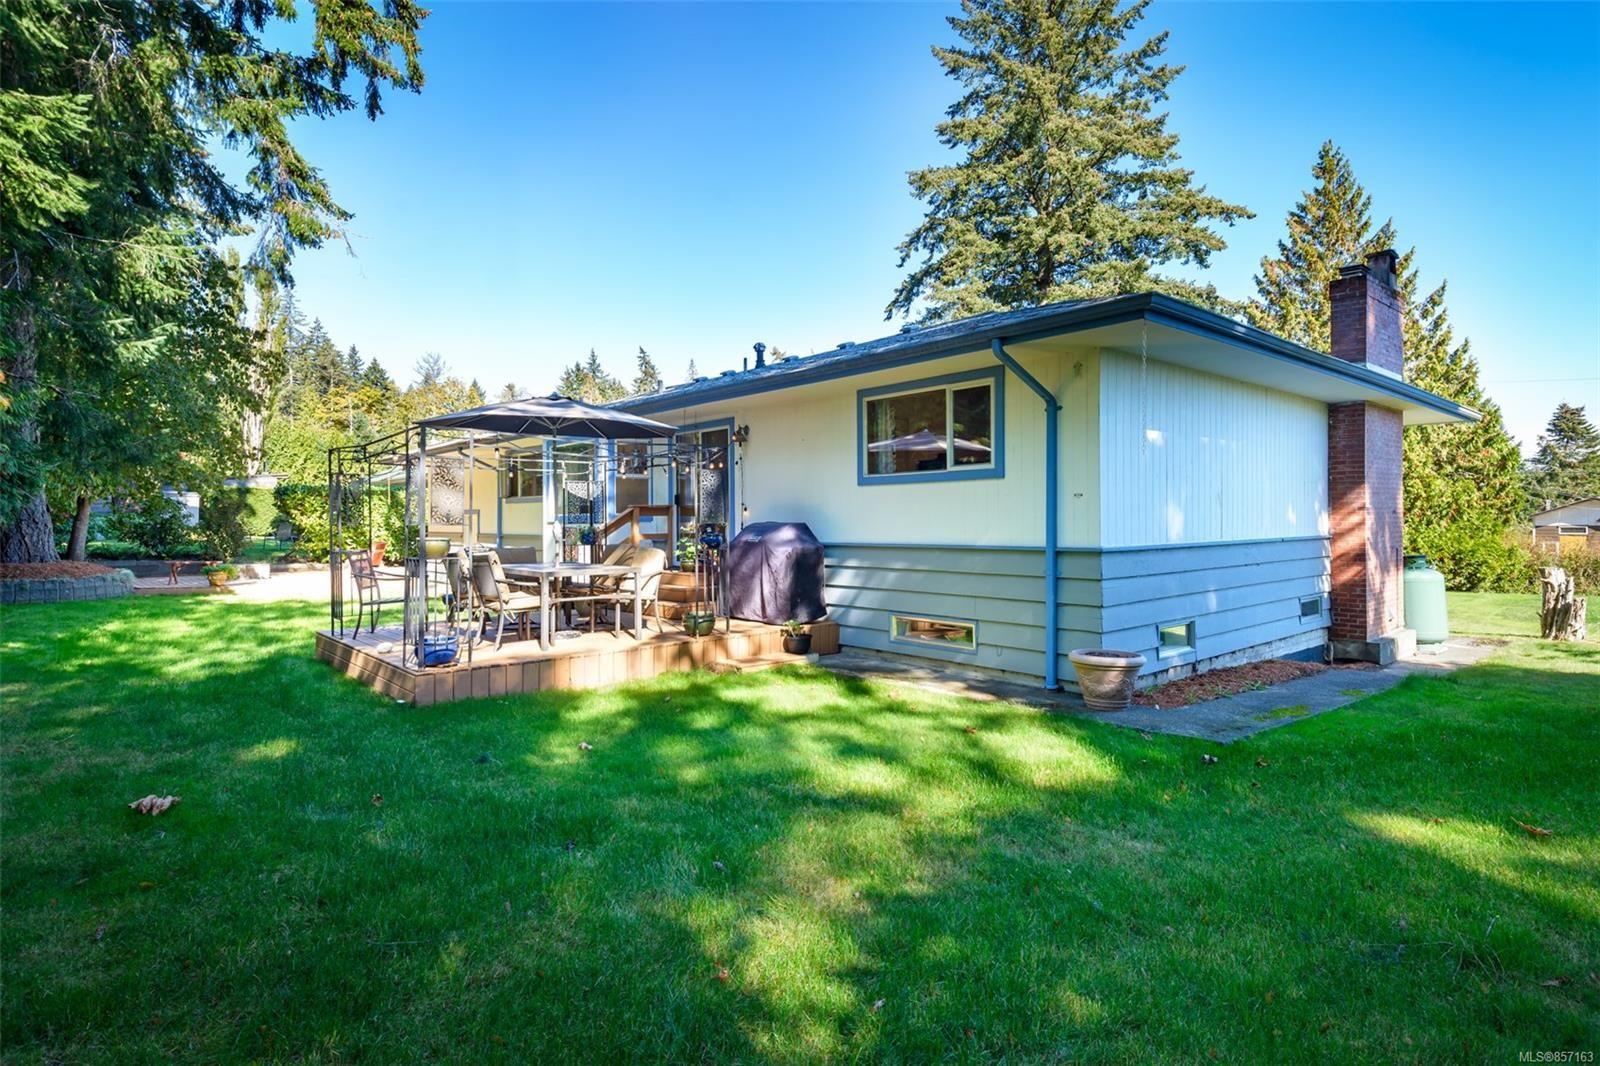 Photo 54: Photos: 4241 Buddington Rd in : CV Courtenay South House for sale (Comox Valley)  : MLS®# 857163